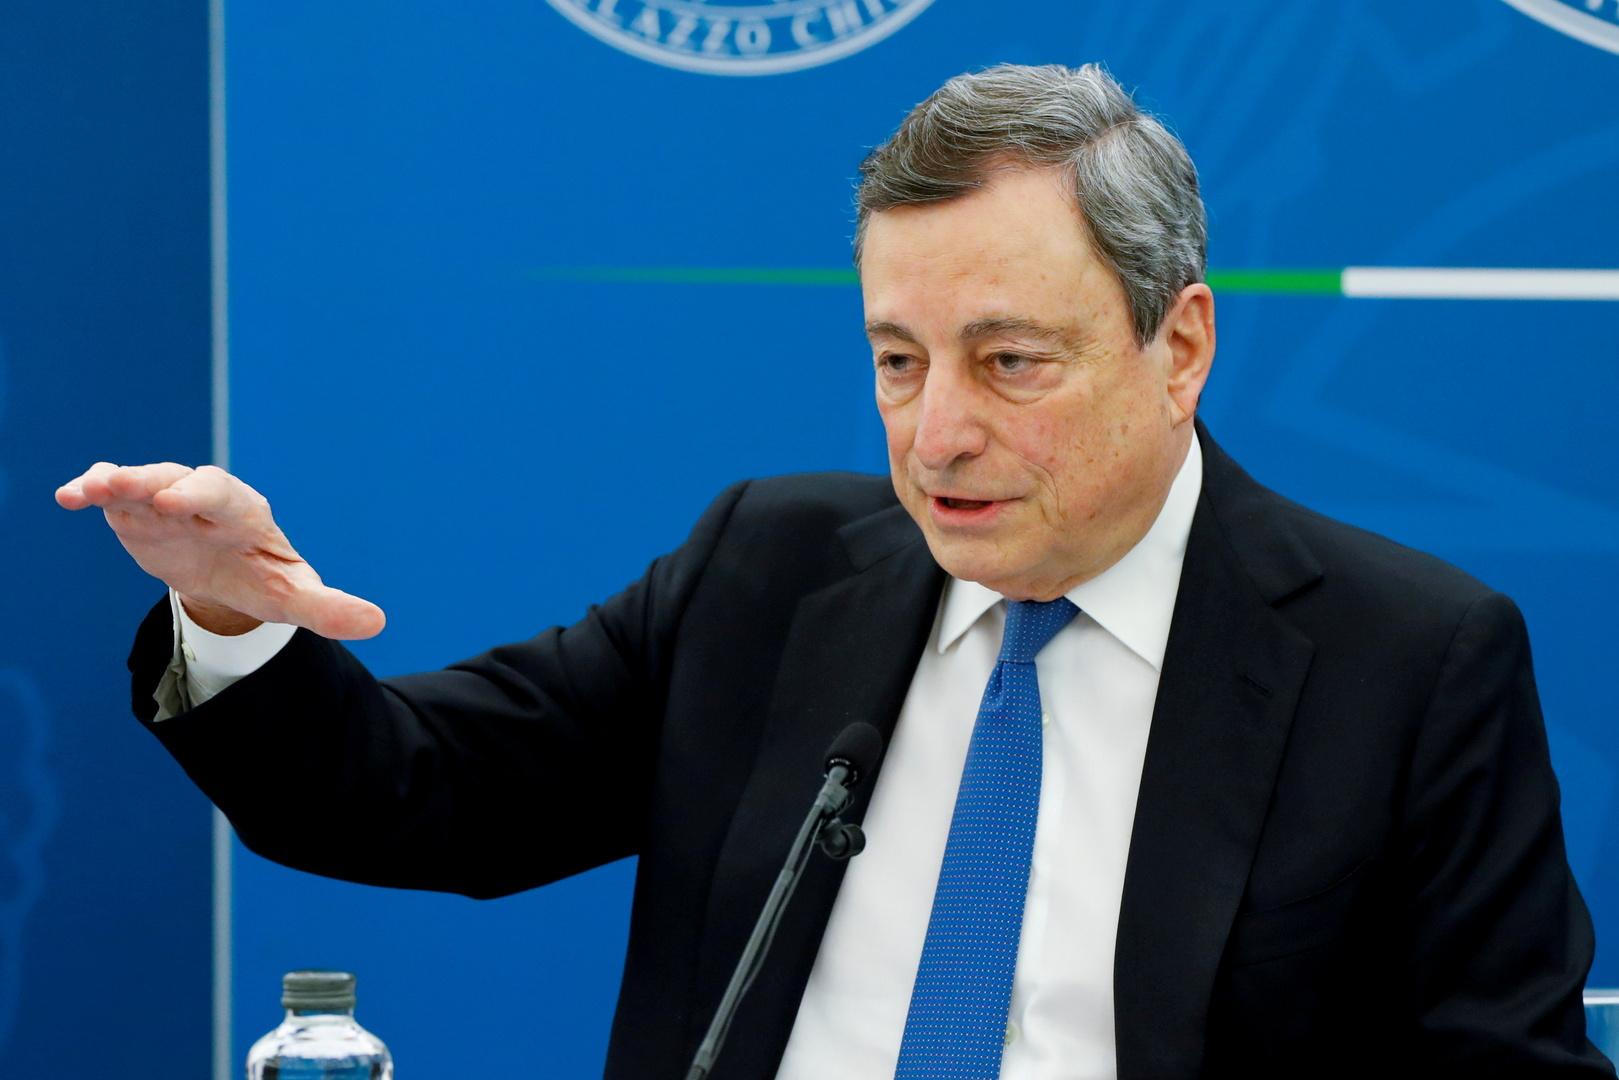 وسائل إعلام: إيطاليا أصرت على حذف بند حول عقوبات ضد